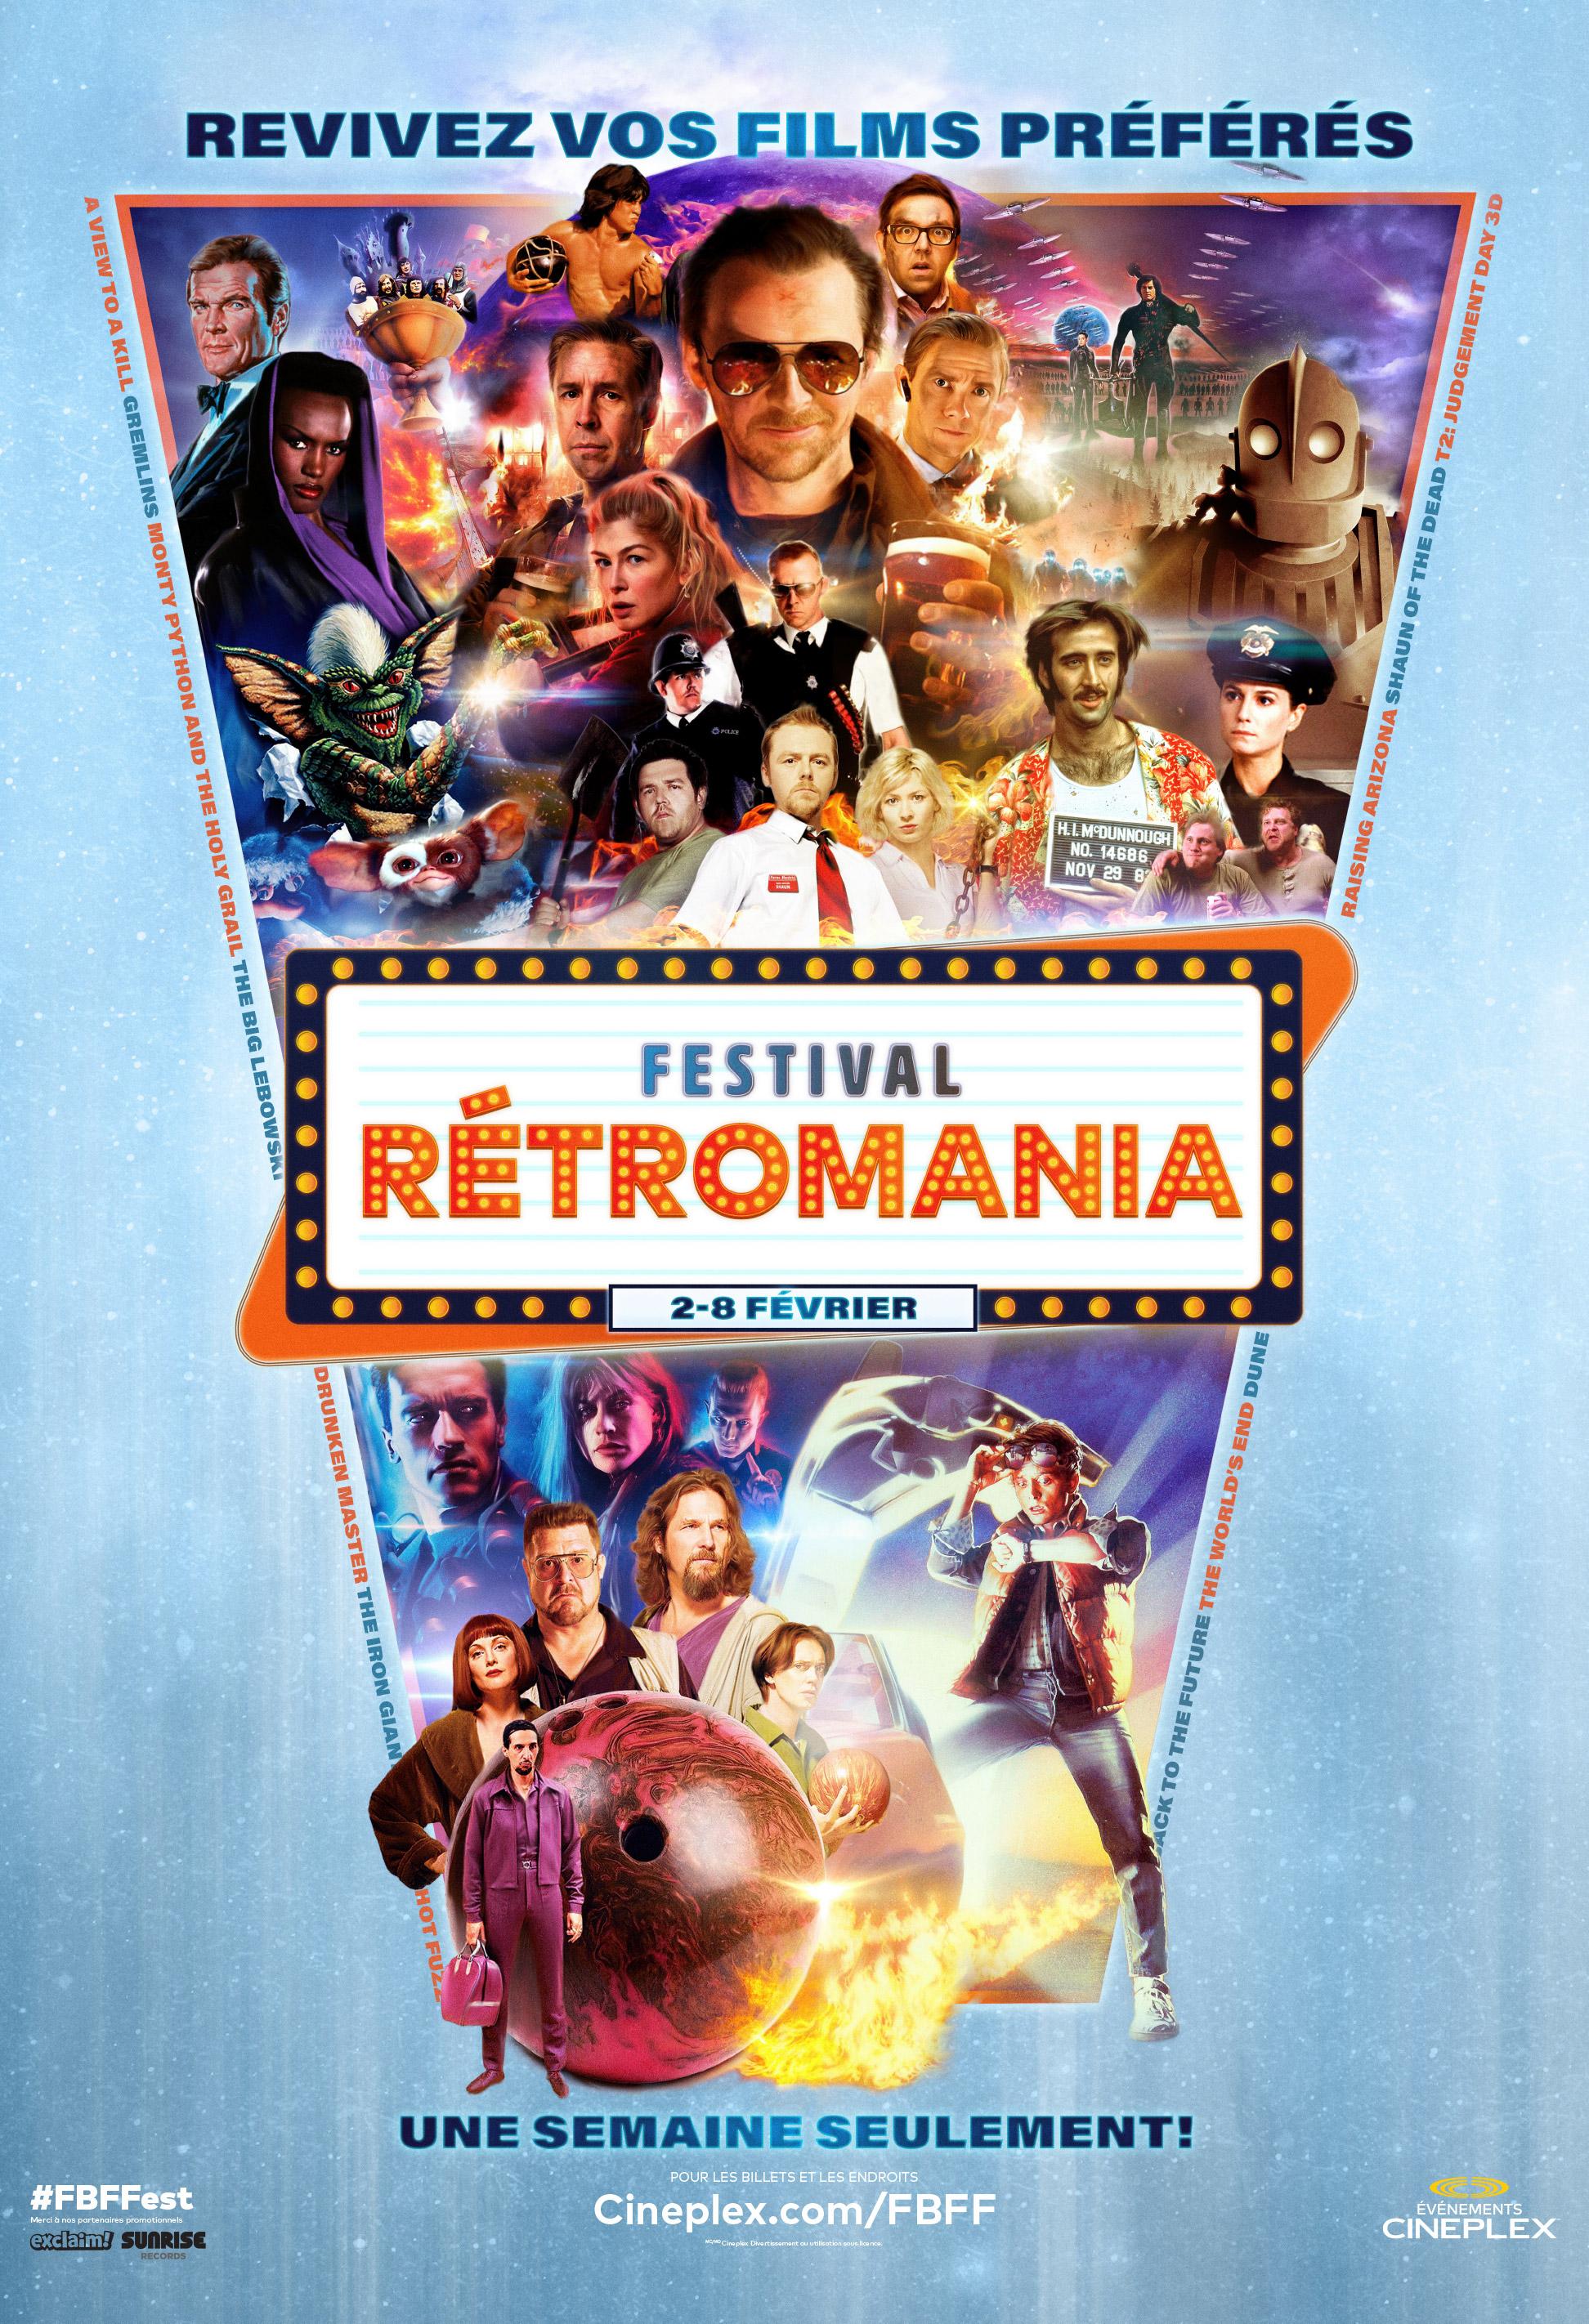 Festival Retromania